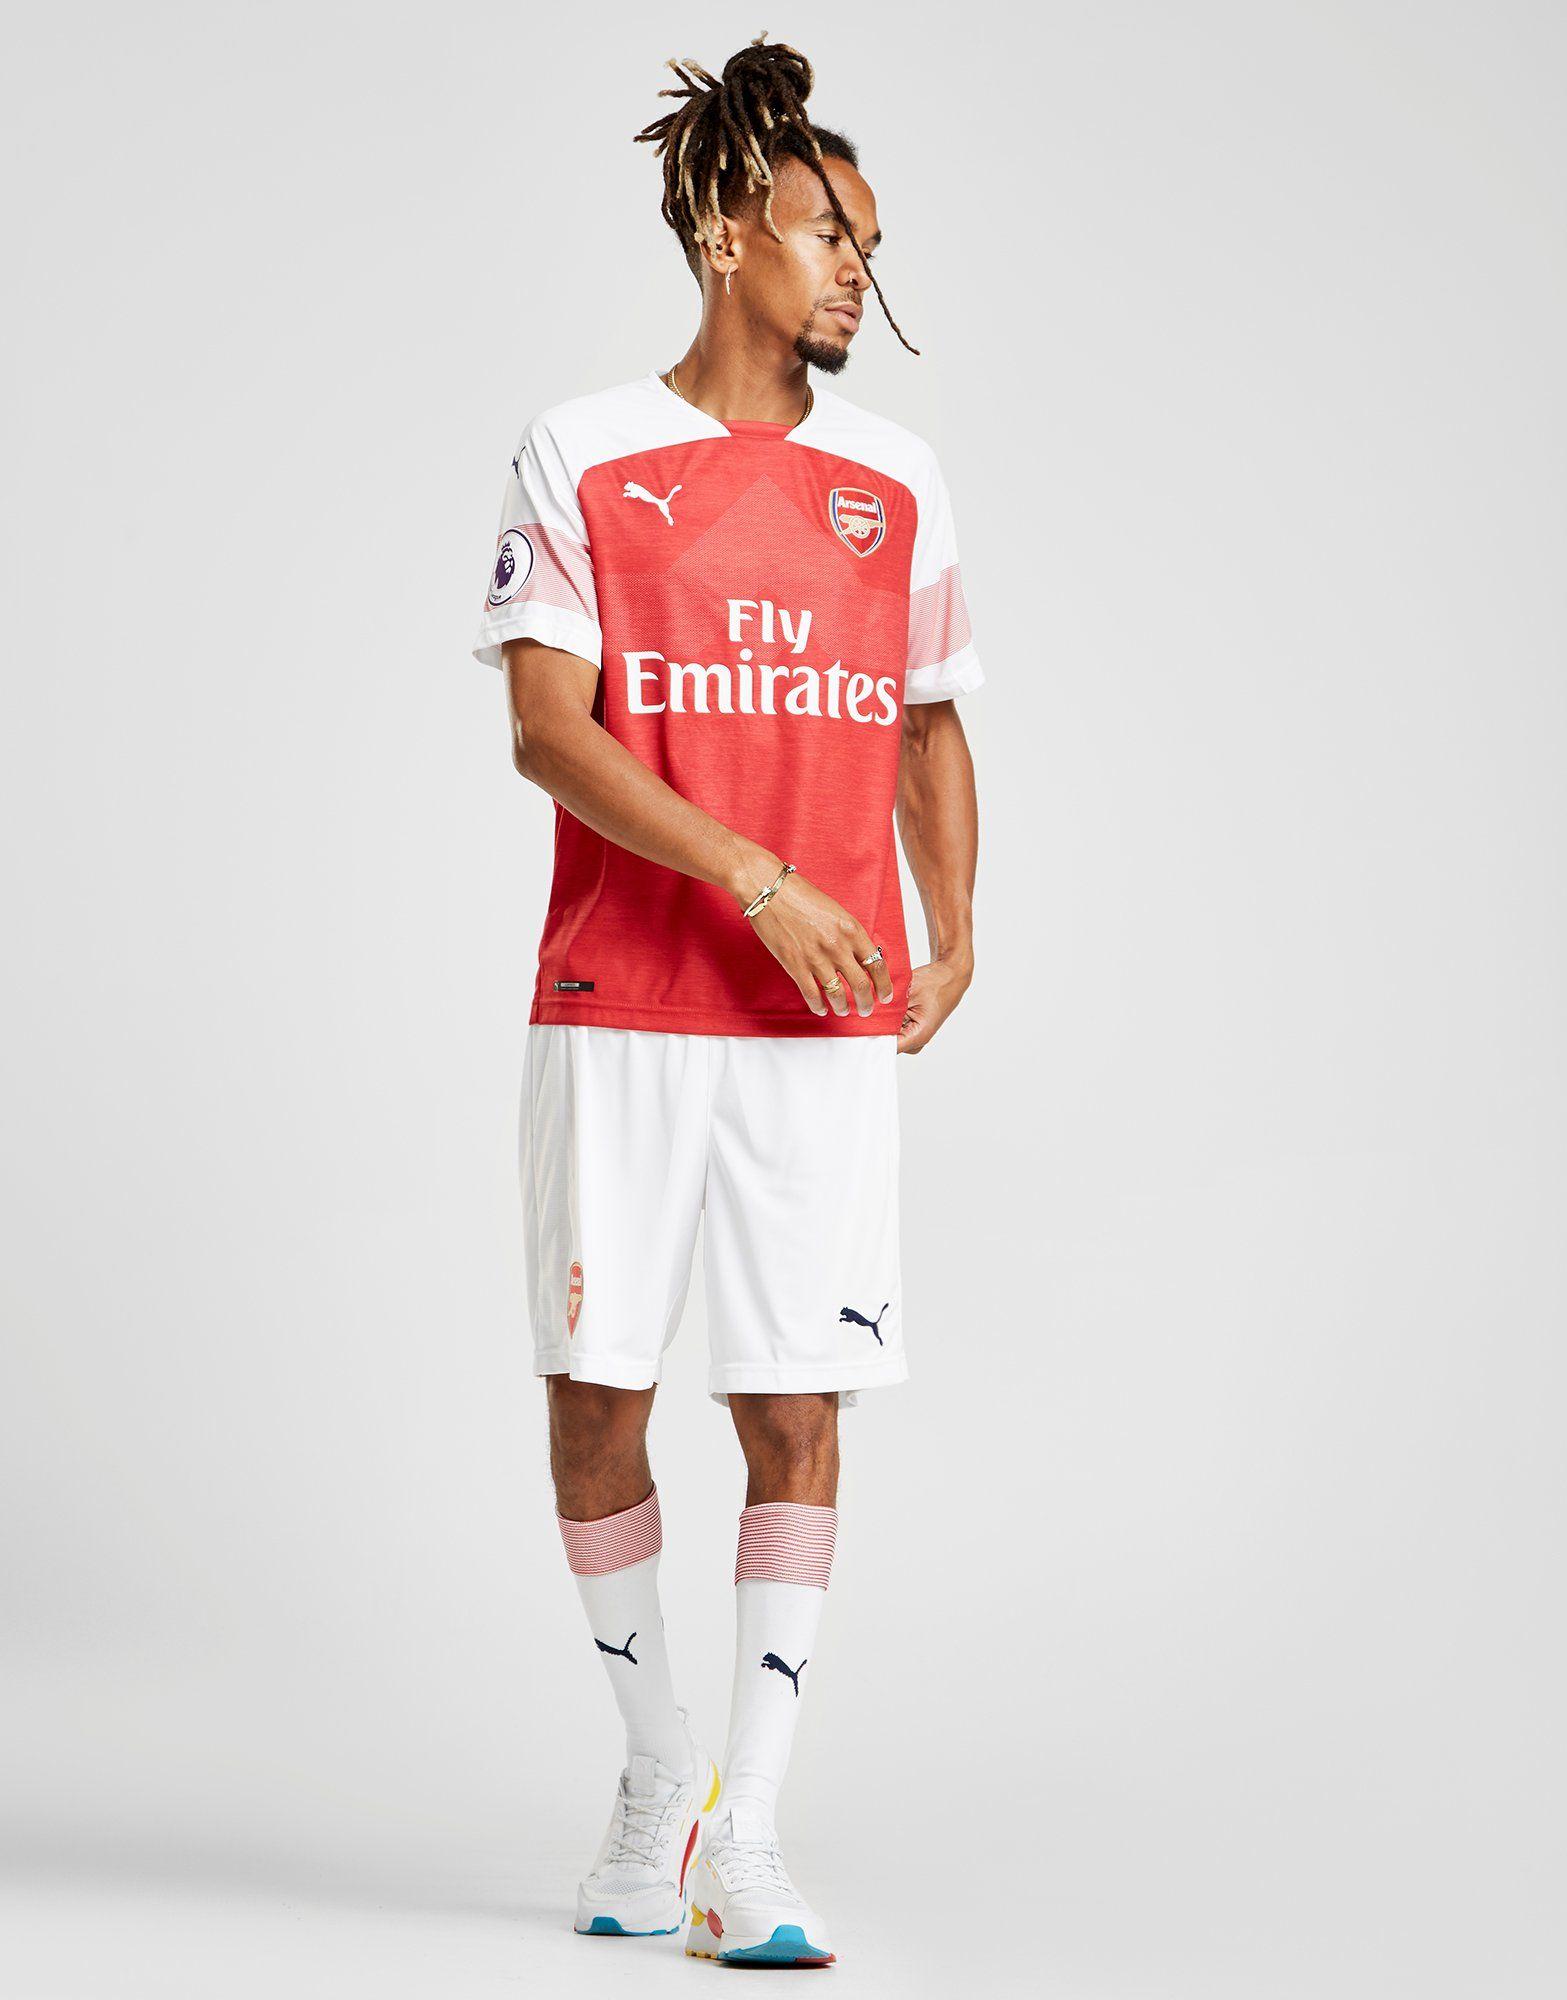 PUMA Arsenal FC 2018/19 Mkhitaryan #7 Home Shirt